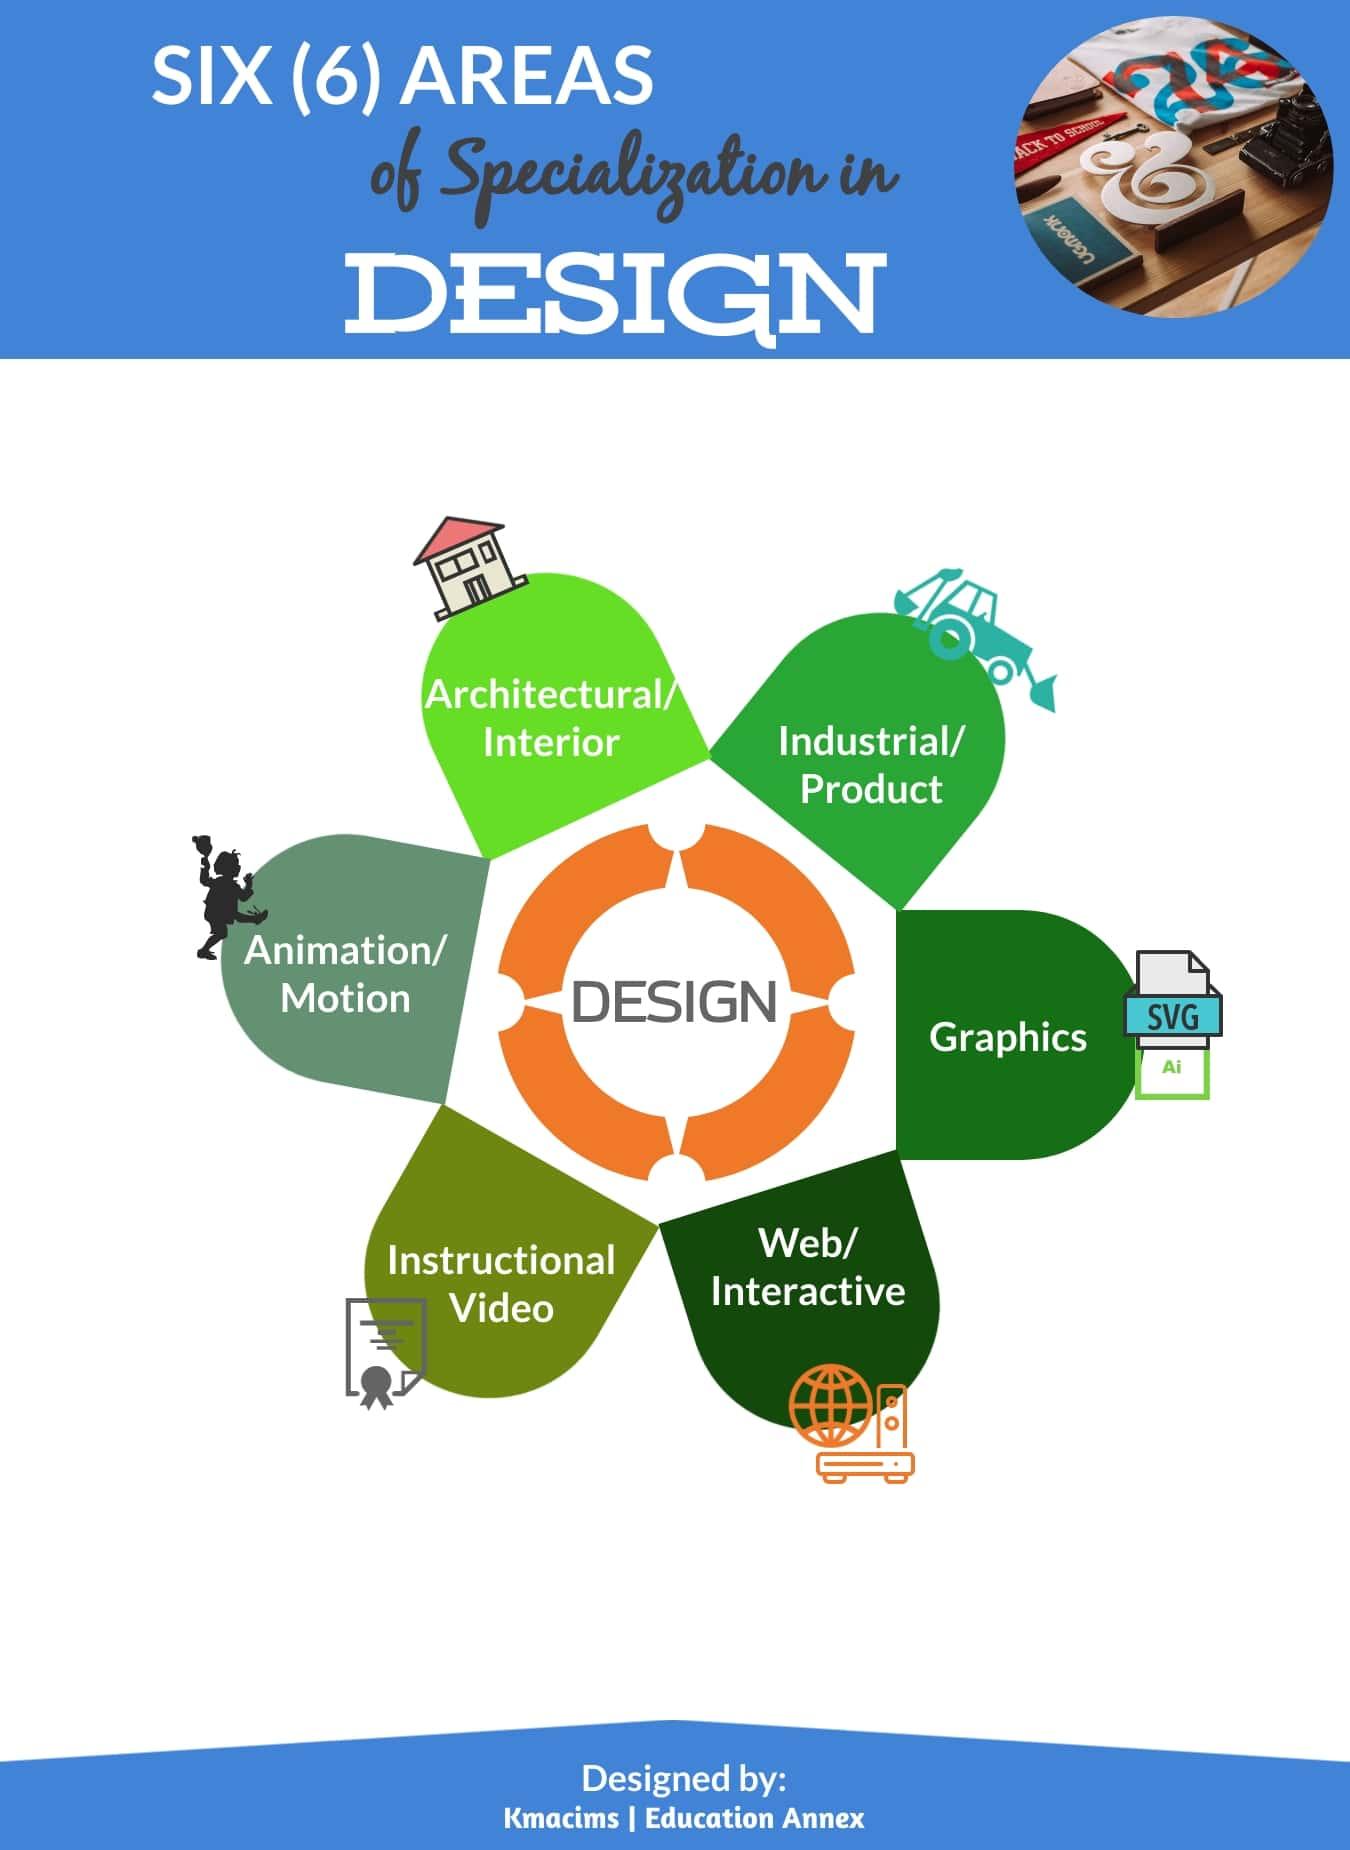 areas of design - graphics designer